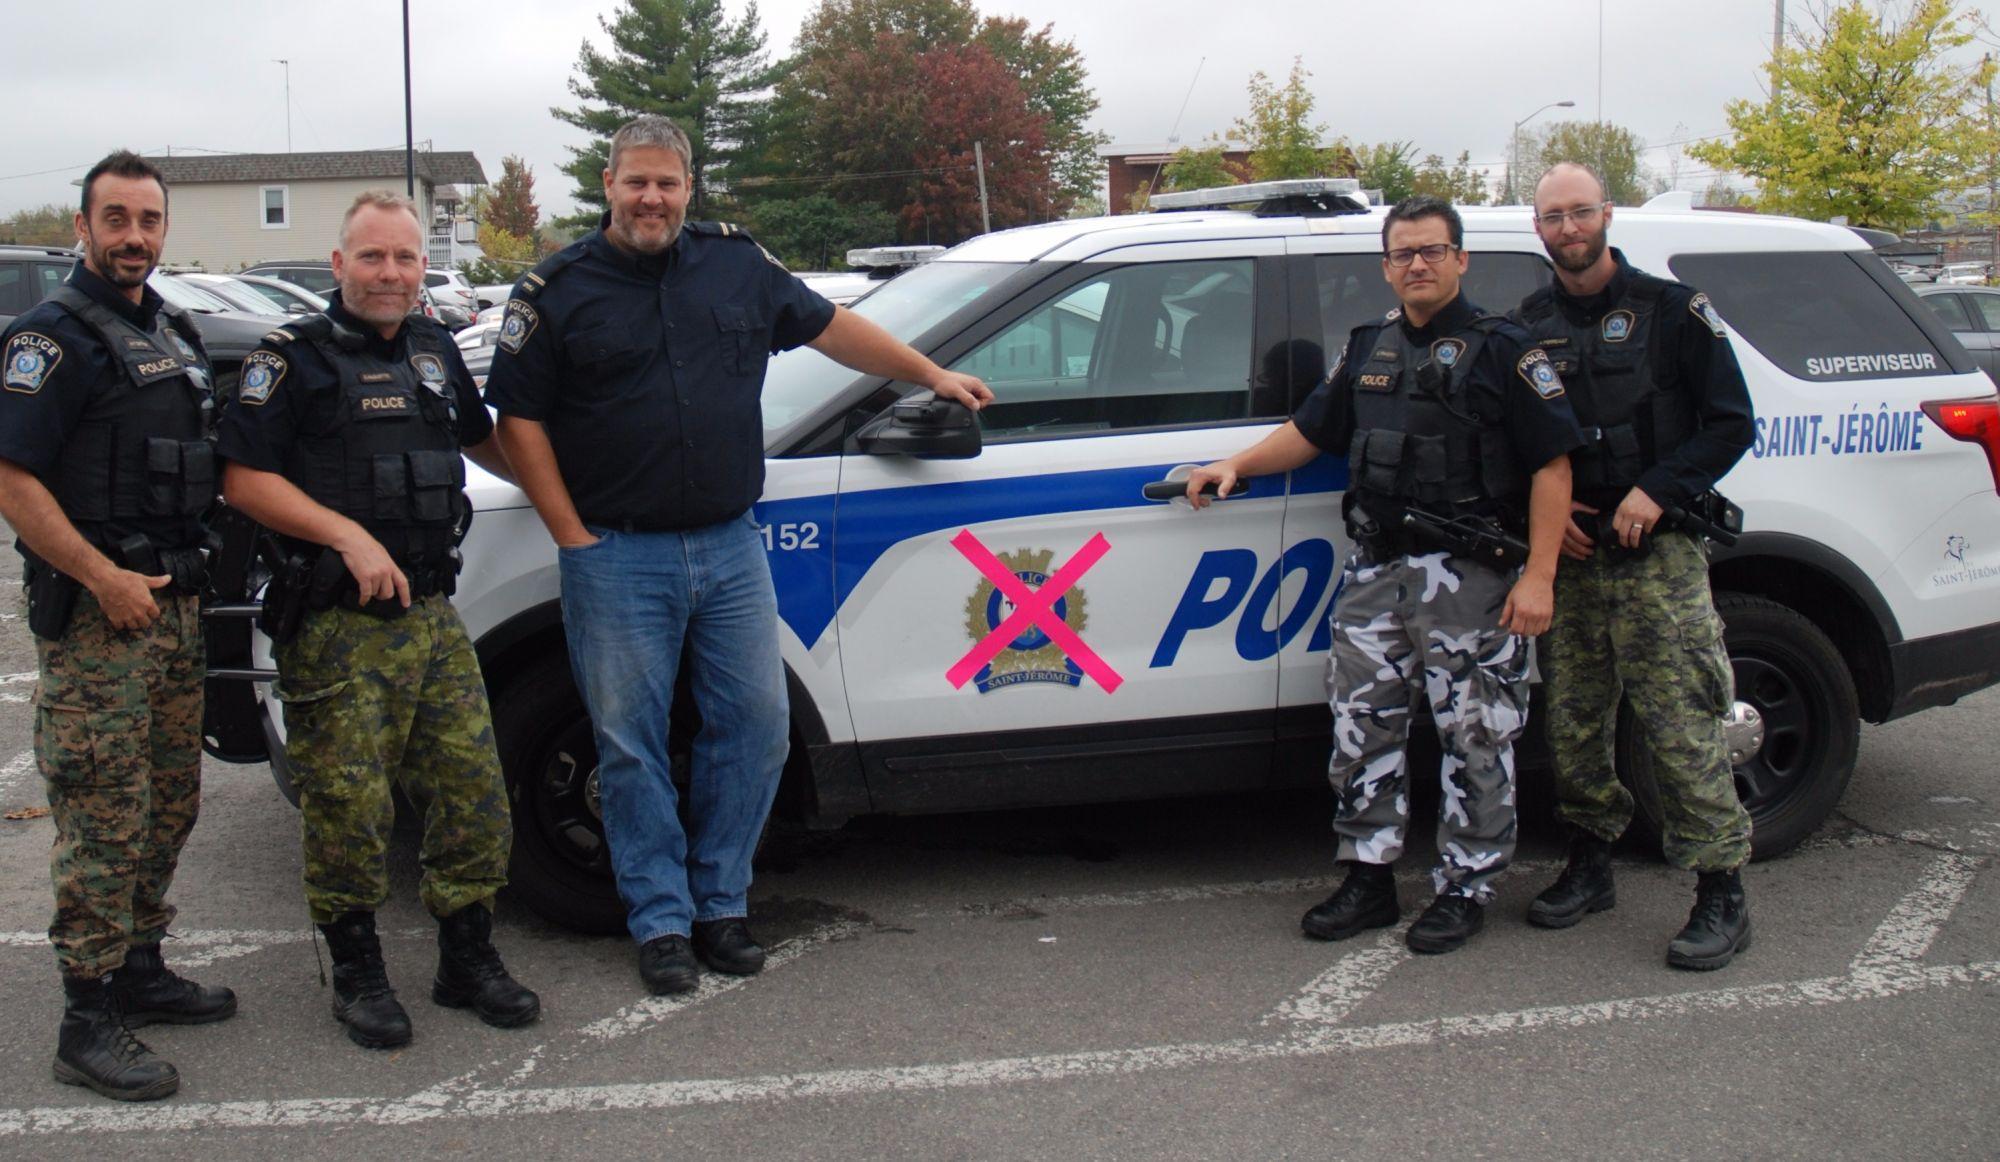 Pantalondecamouflage:les policiers de Saint-Jérômeen moyen de pression